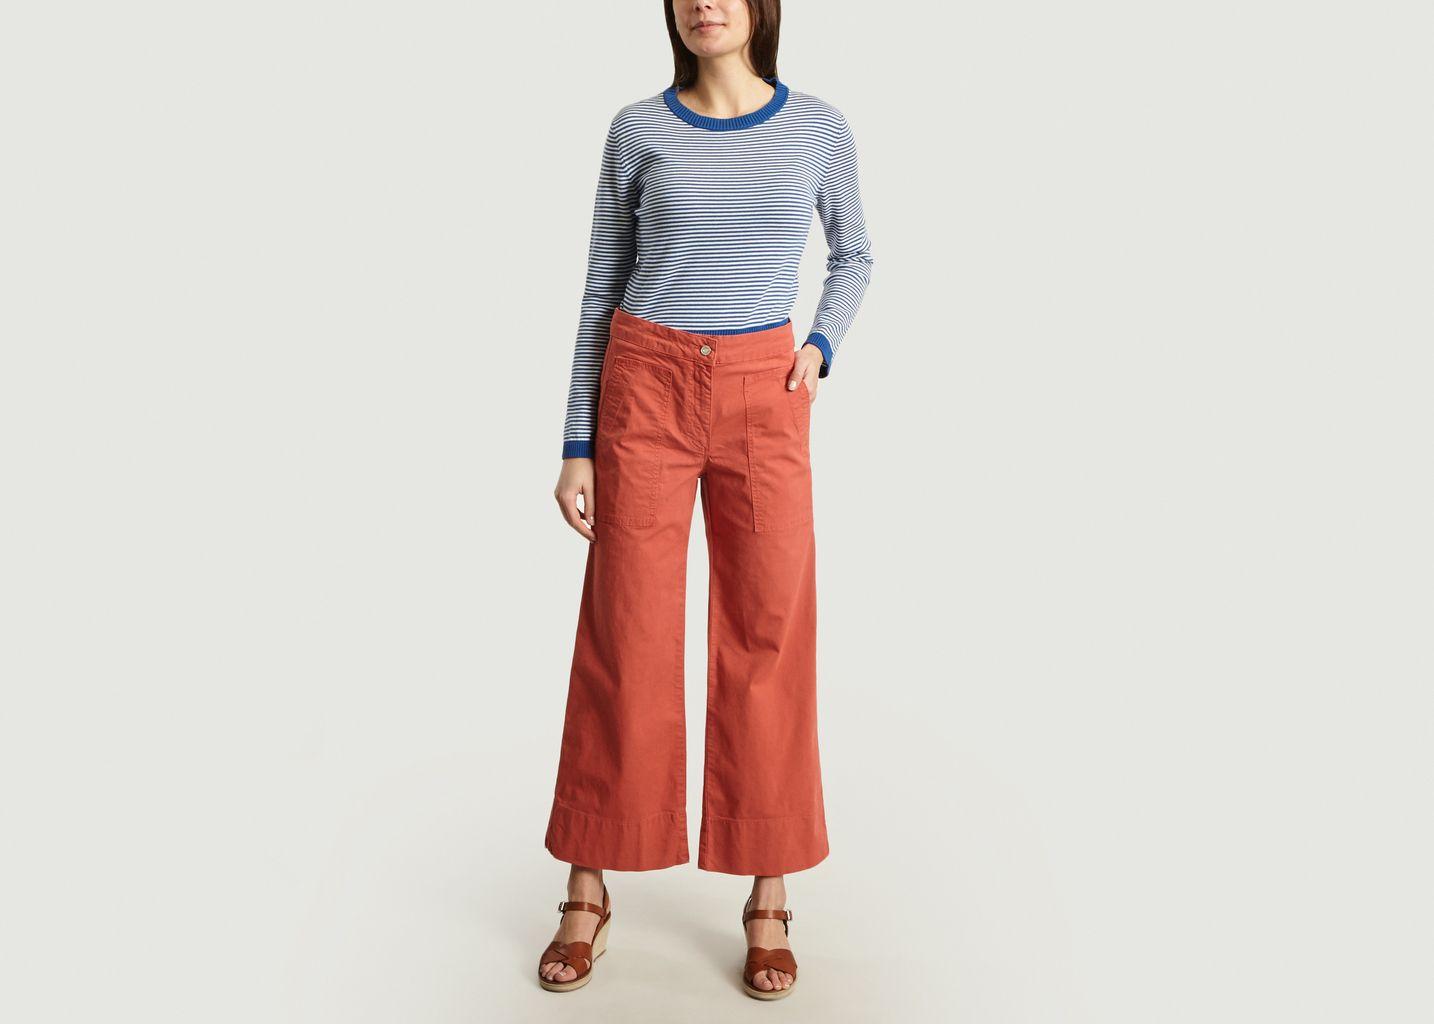 Pantalon Loyo - Vanessa Bruno